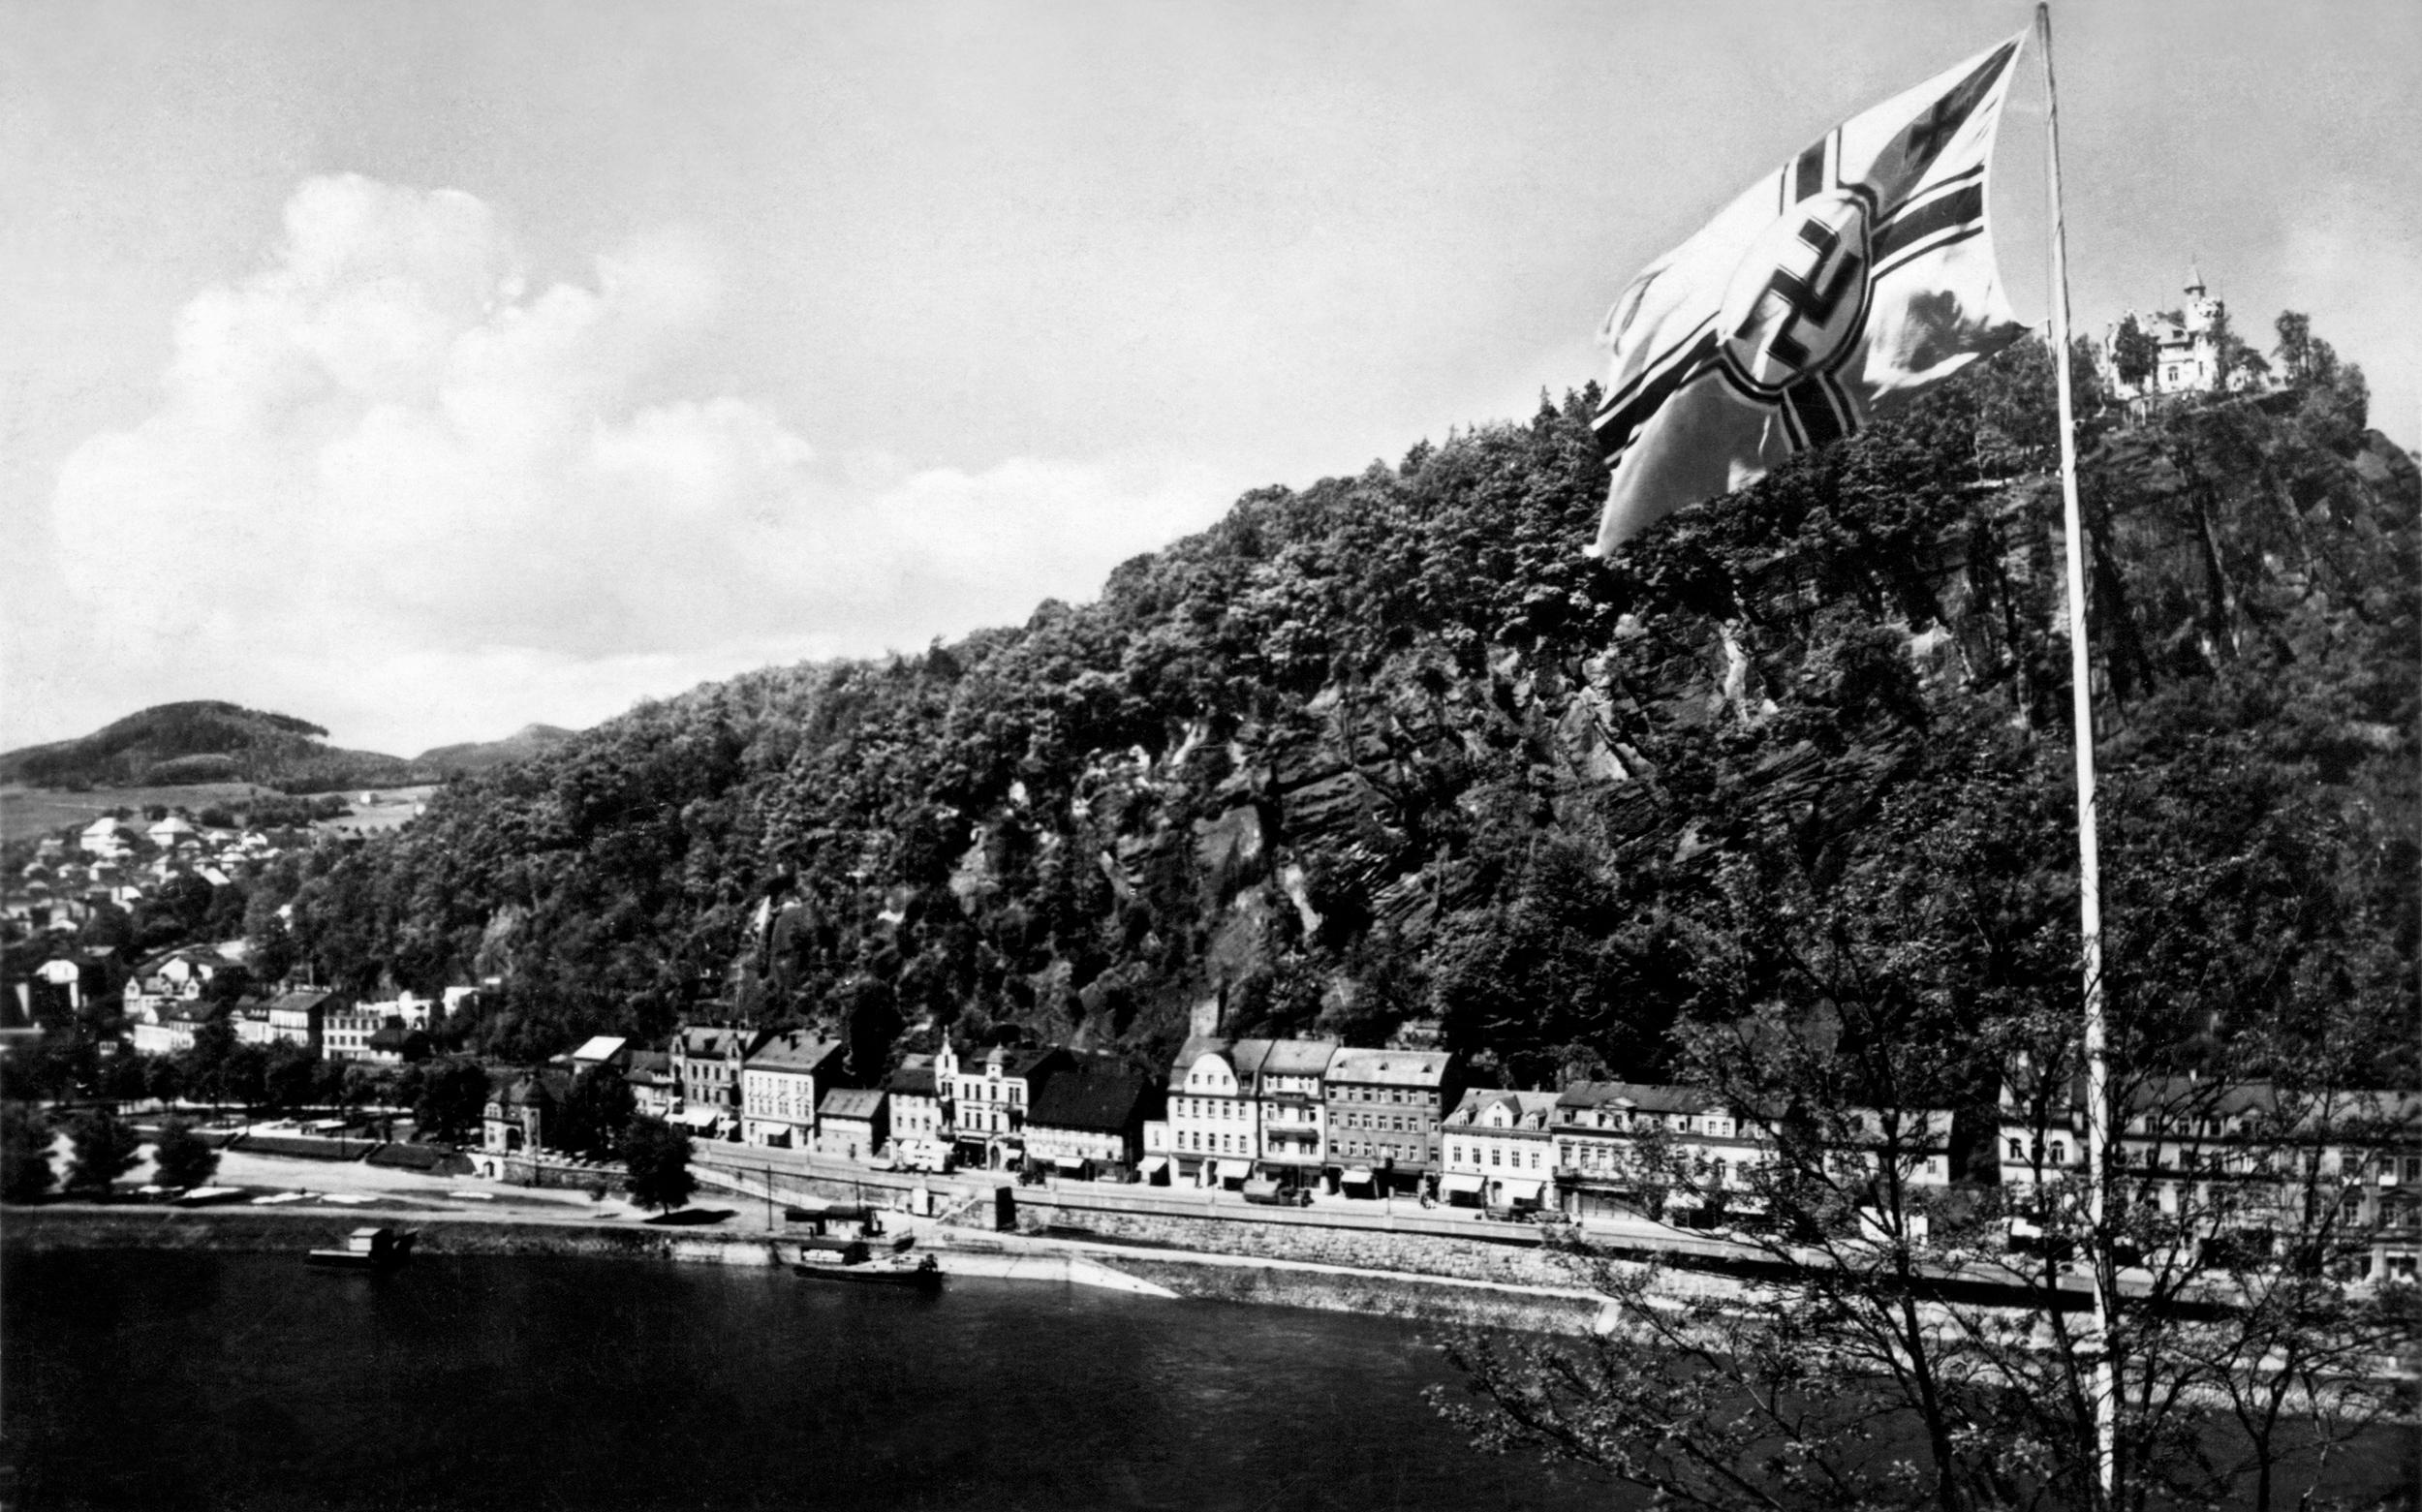 Pohled na nábřeží s parkanu s vlajkou z období 2. světové války